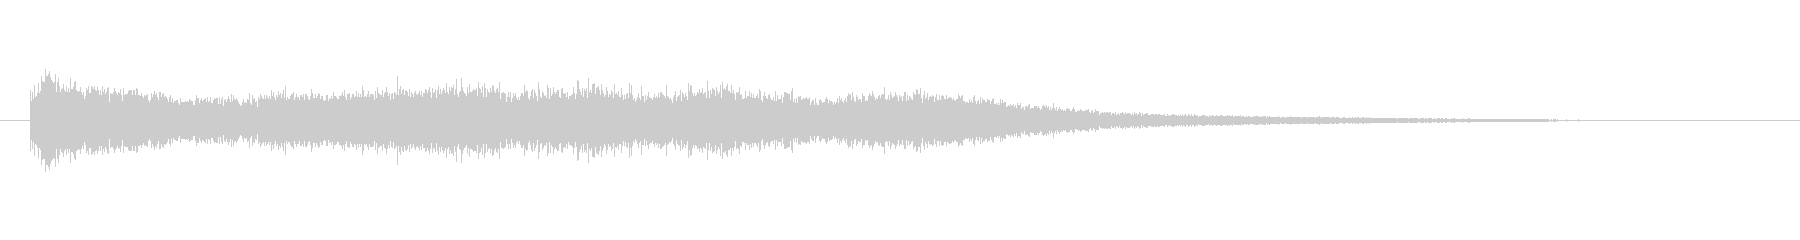 ゴング大ロール-ローリングゴング-...の未再生の波形